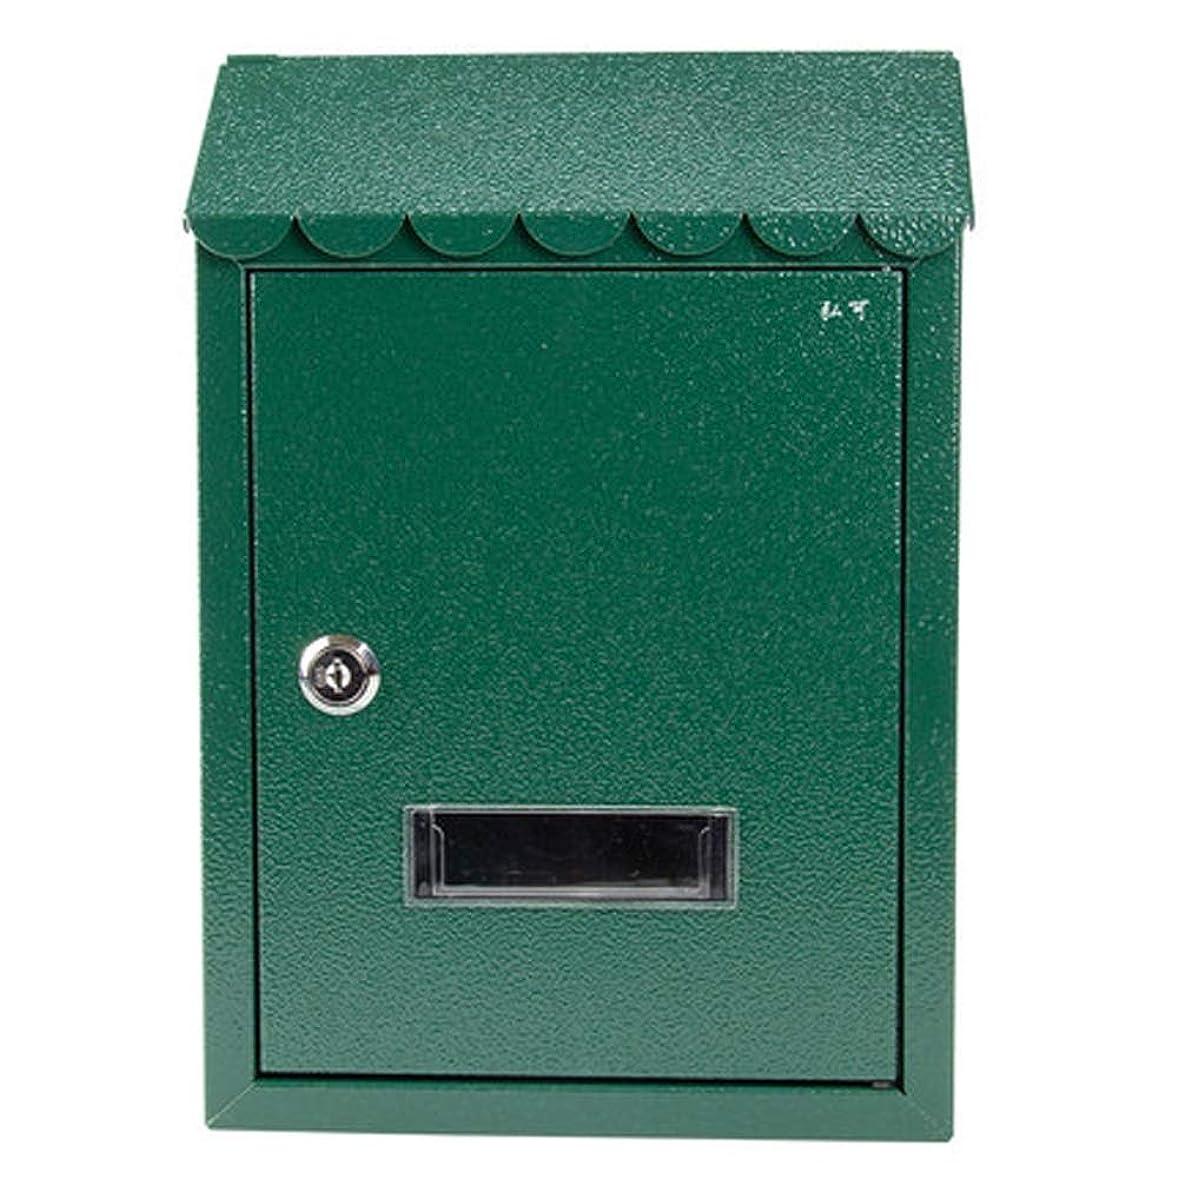 広告結核理想的ZXPzZ 住宅の郵便受けの牧草地の塗られた受信箱創造的なロック小さい郵便箱の防水提案箱 -メール収集